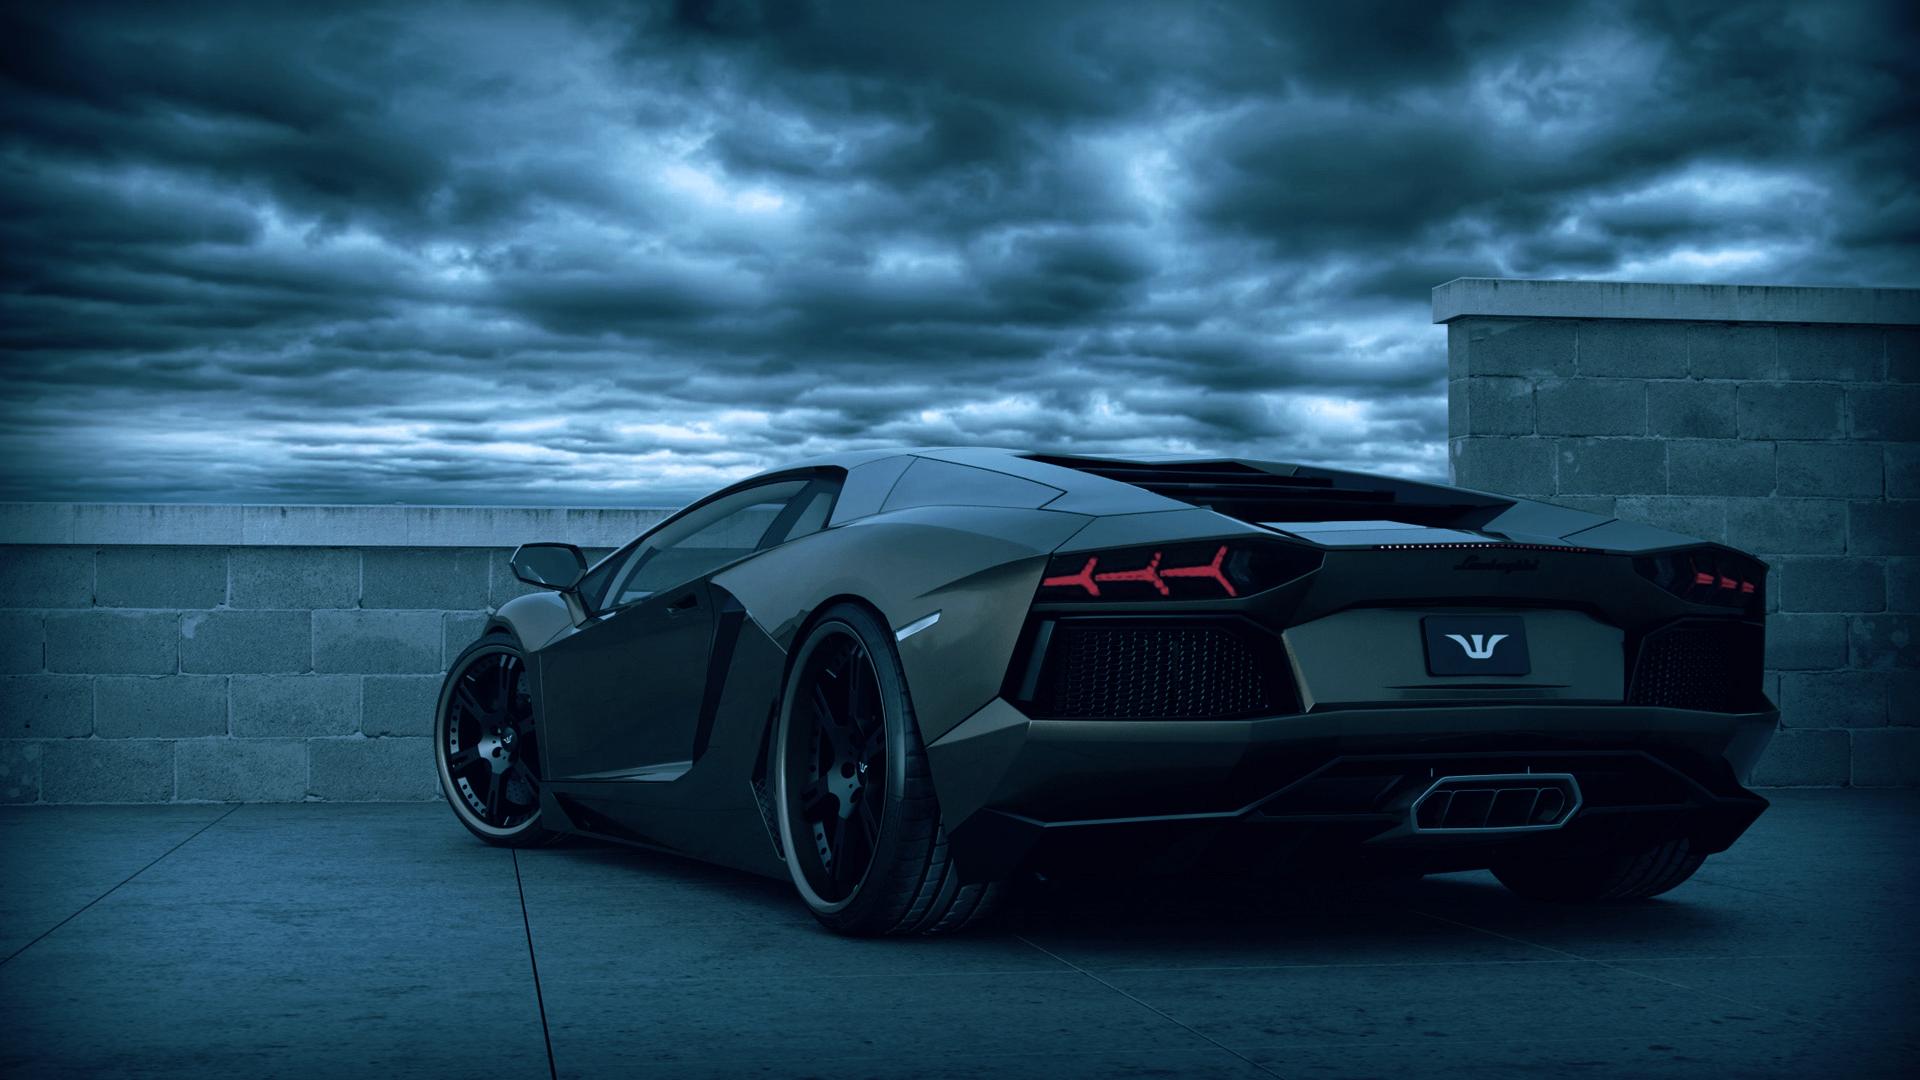 58bbf88c6ce205812dc11d4e85fee00f Exciting Lamborghini Huracán Lp 610-4 Cena Cars Trend